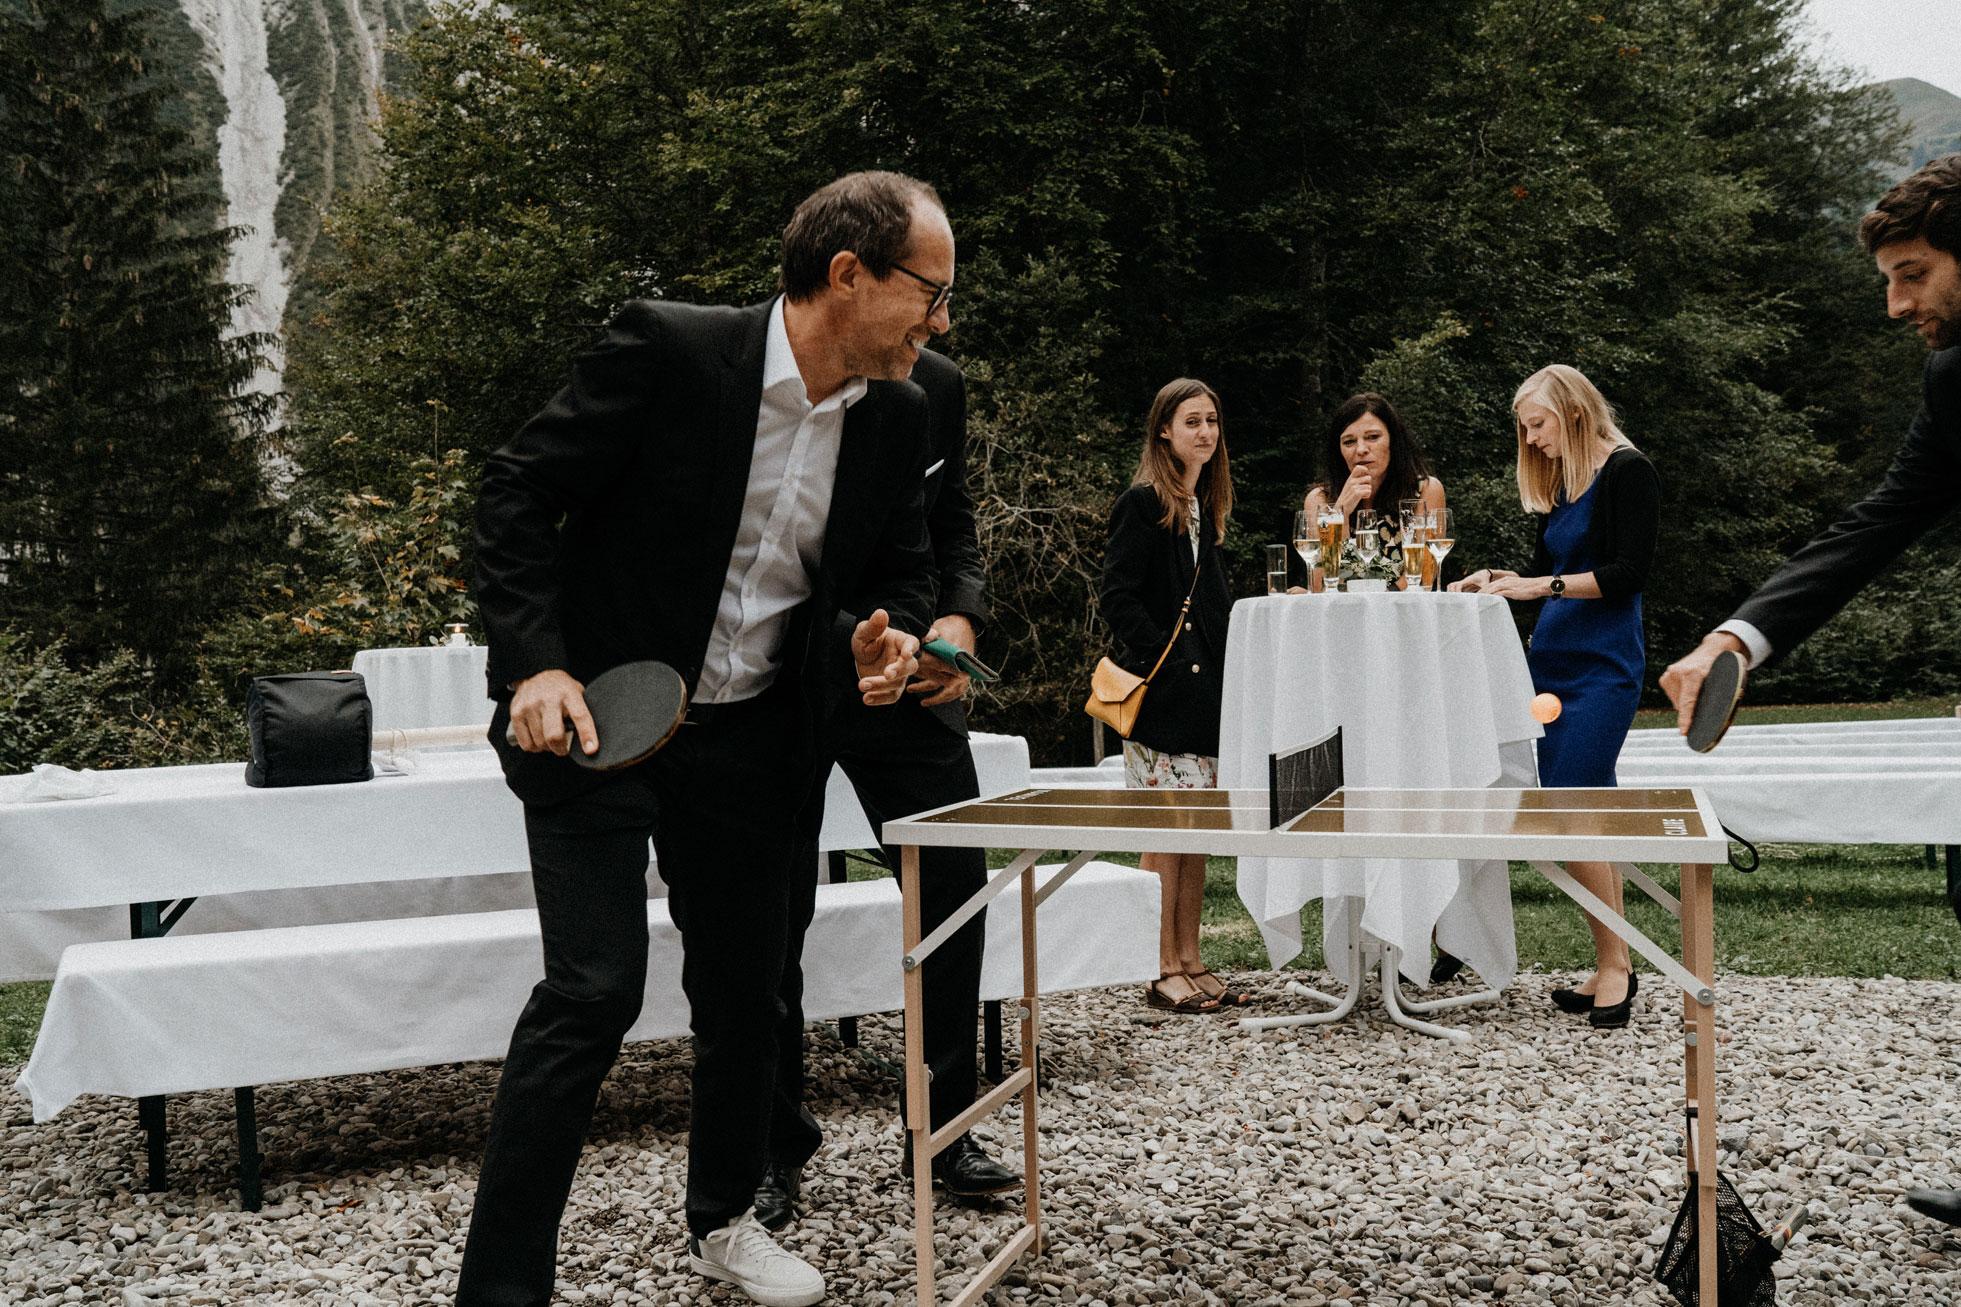 Hochzeit_Claire_Manuel_Villa_Maund_Daniel_Jenny-412.jpg